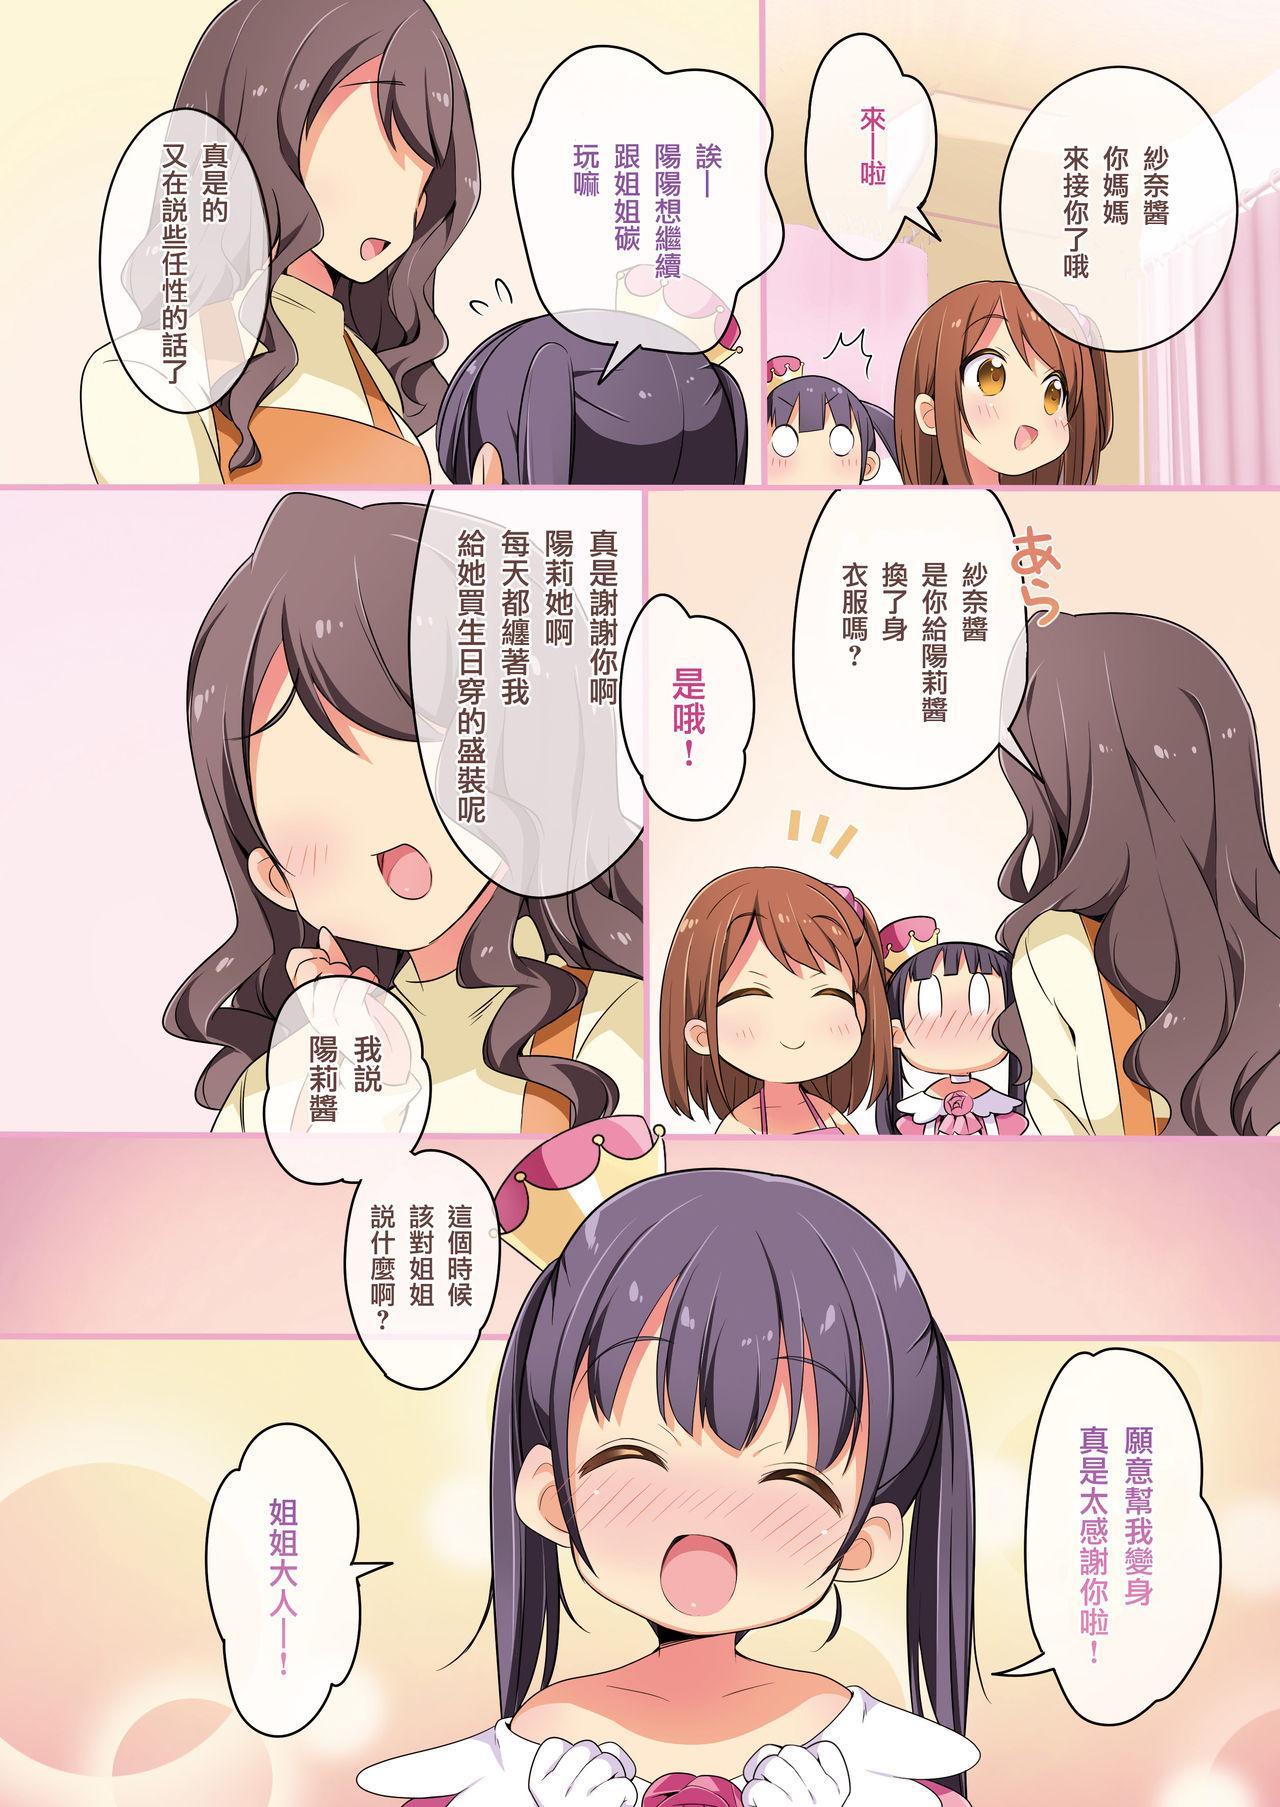 Kisekae Appli de Kawaiku Henshin! 21